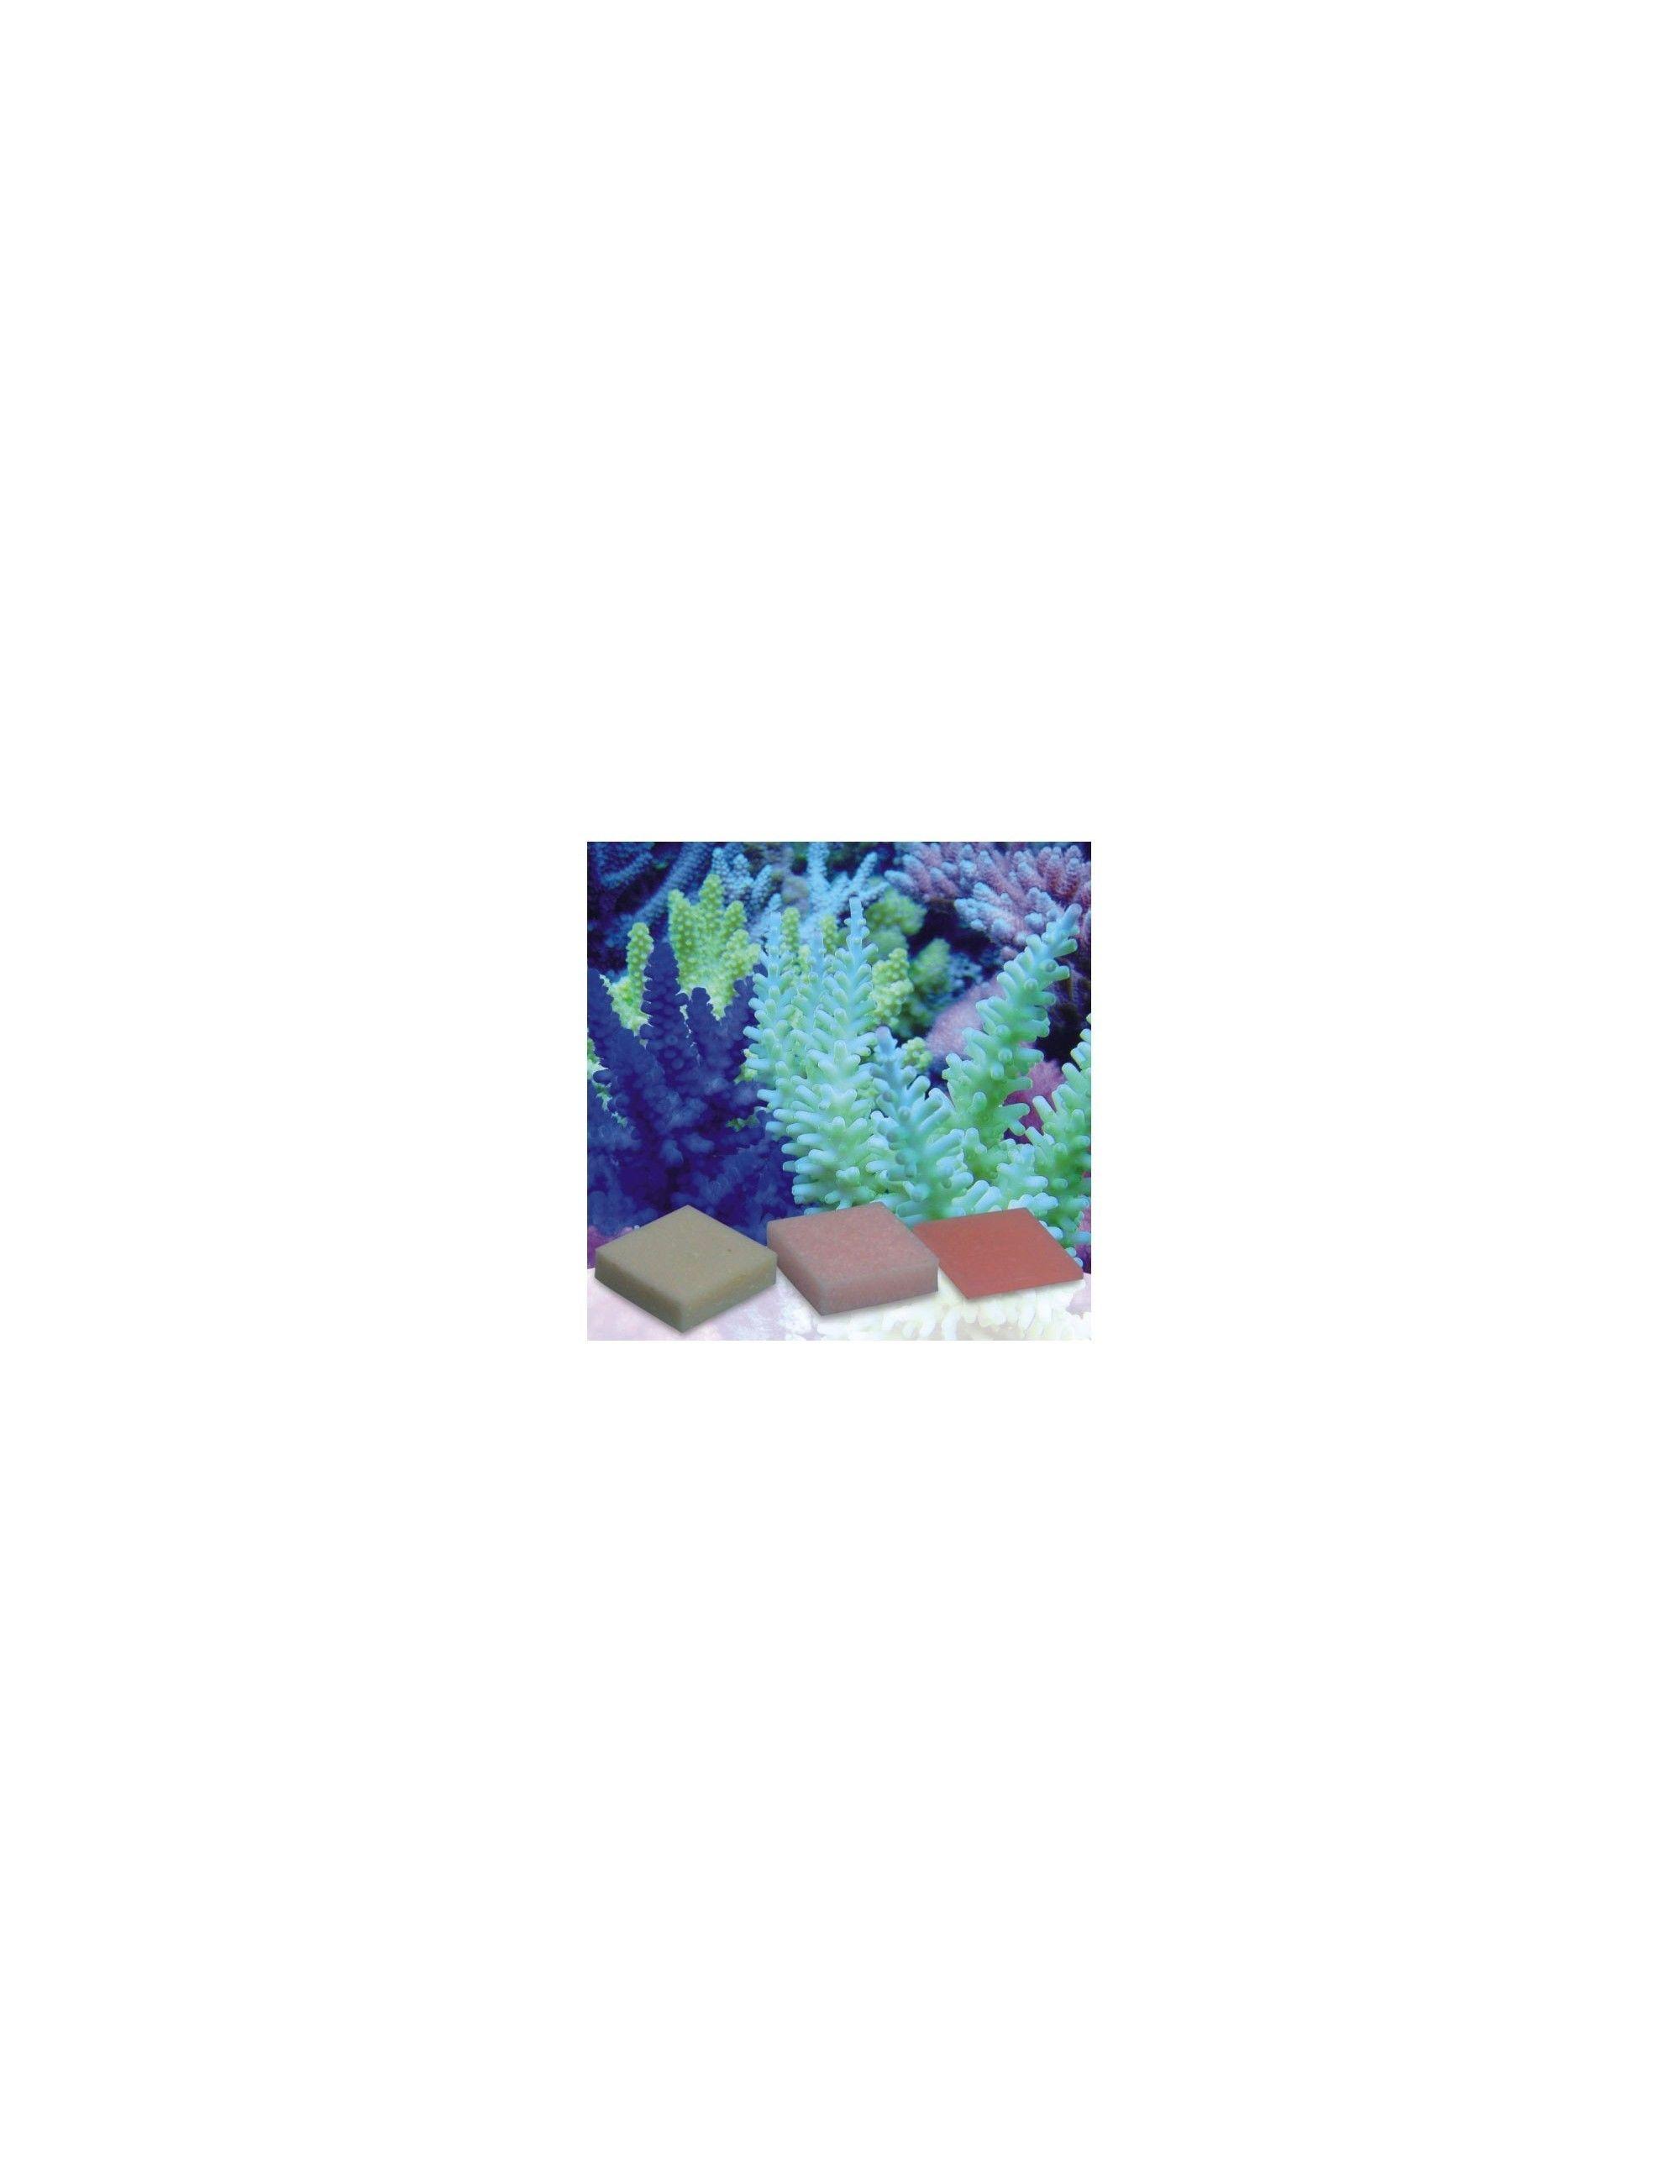 KORALLEN-ZUCHT distributeur d'acides aminés concentrés ( 5 tablettes )